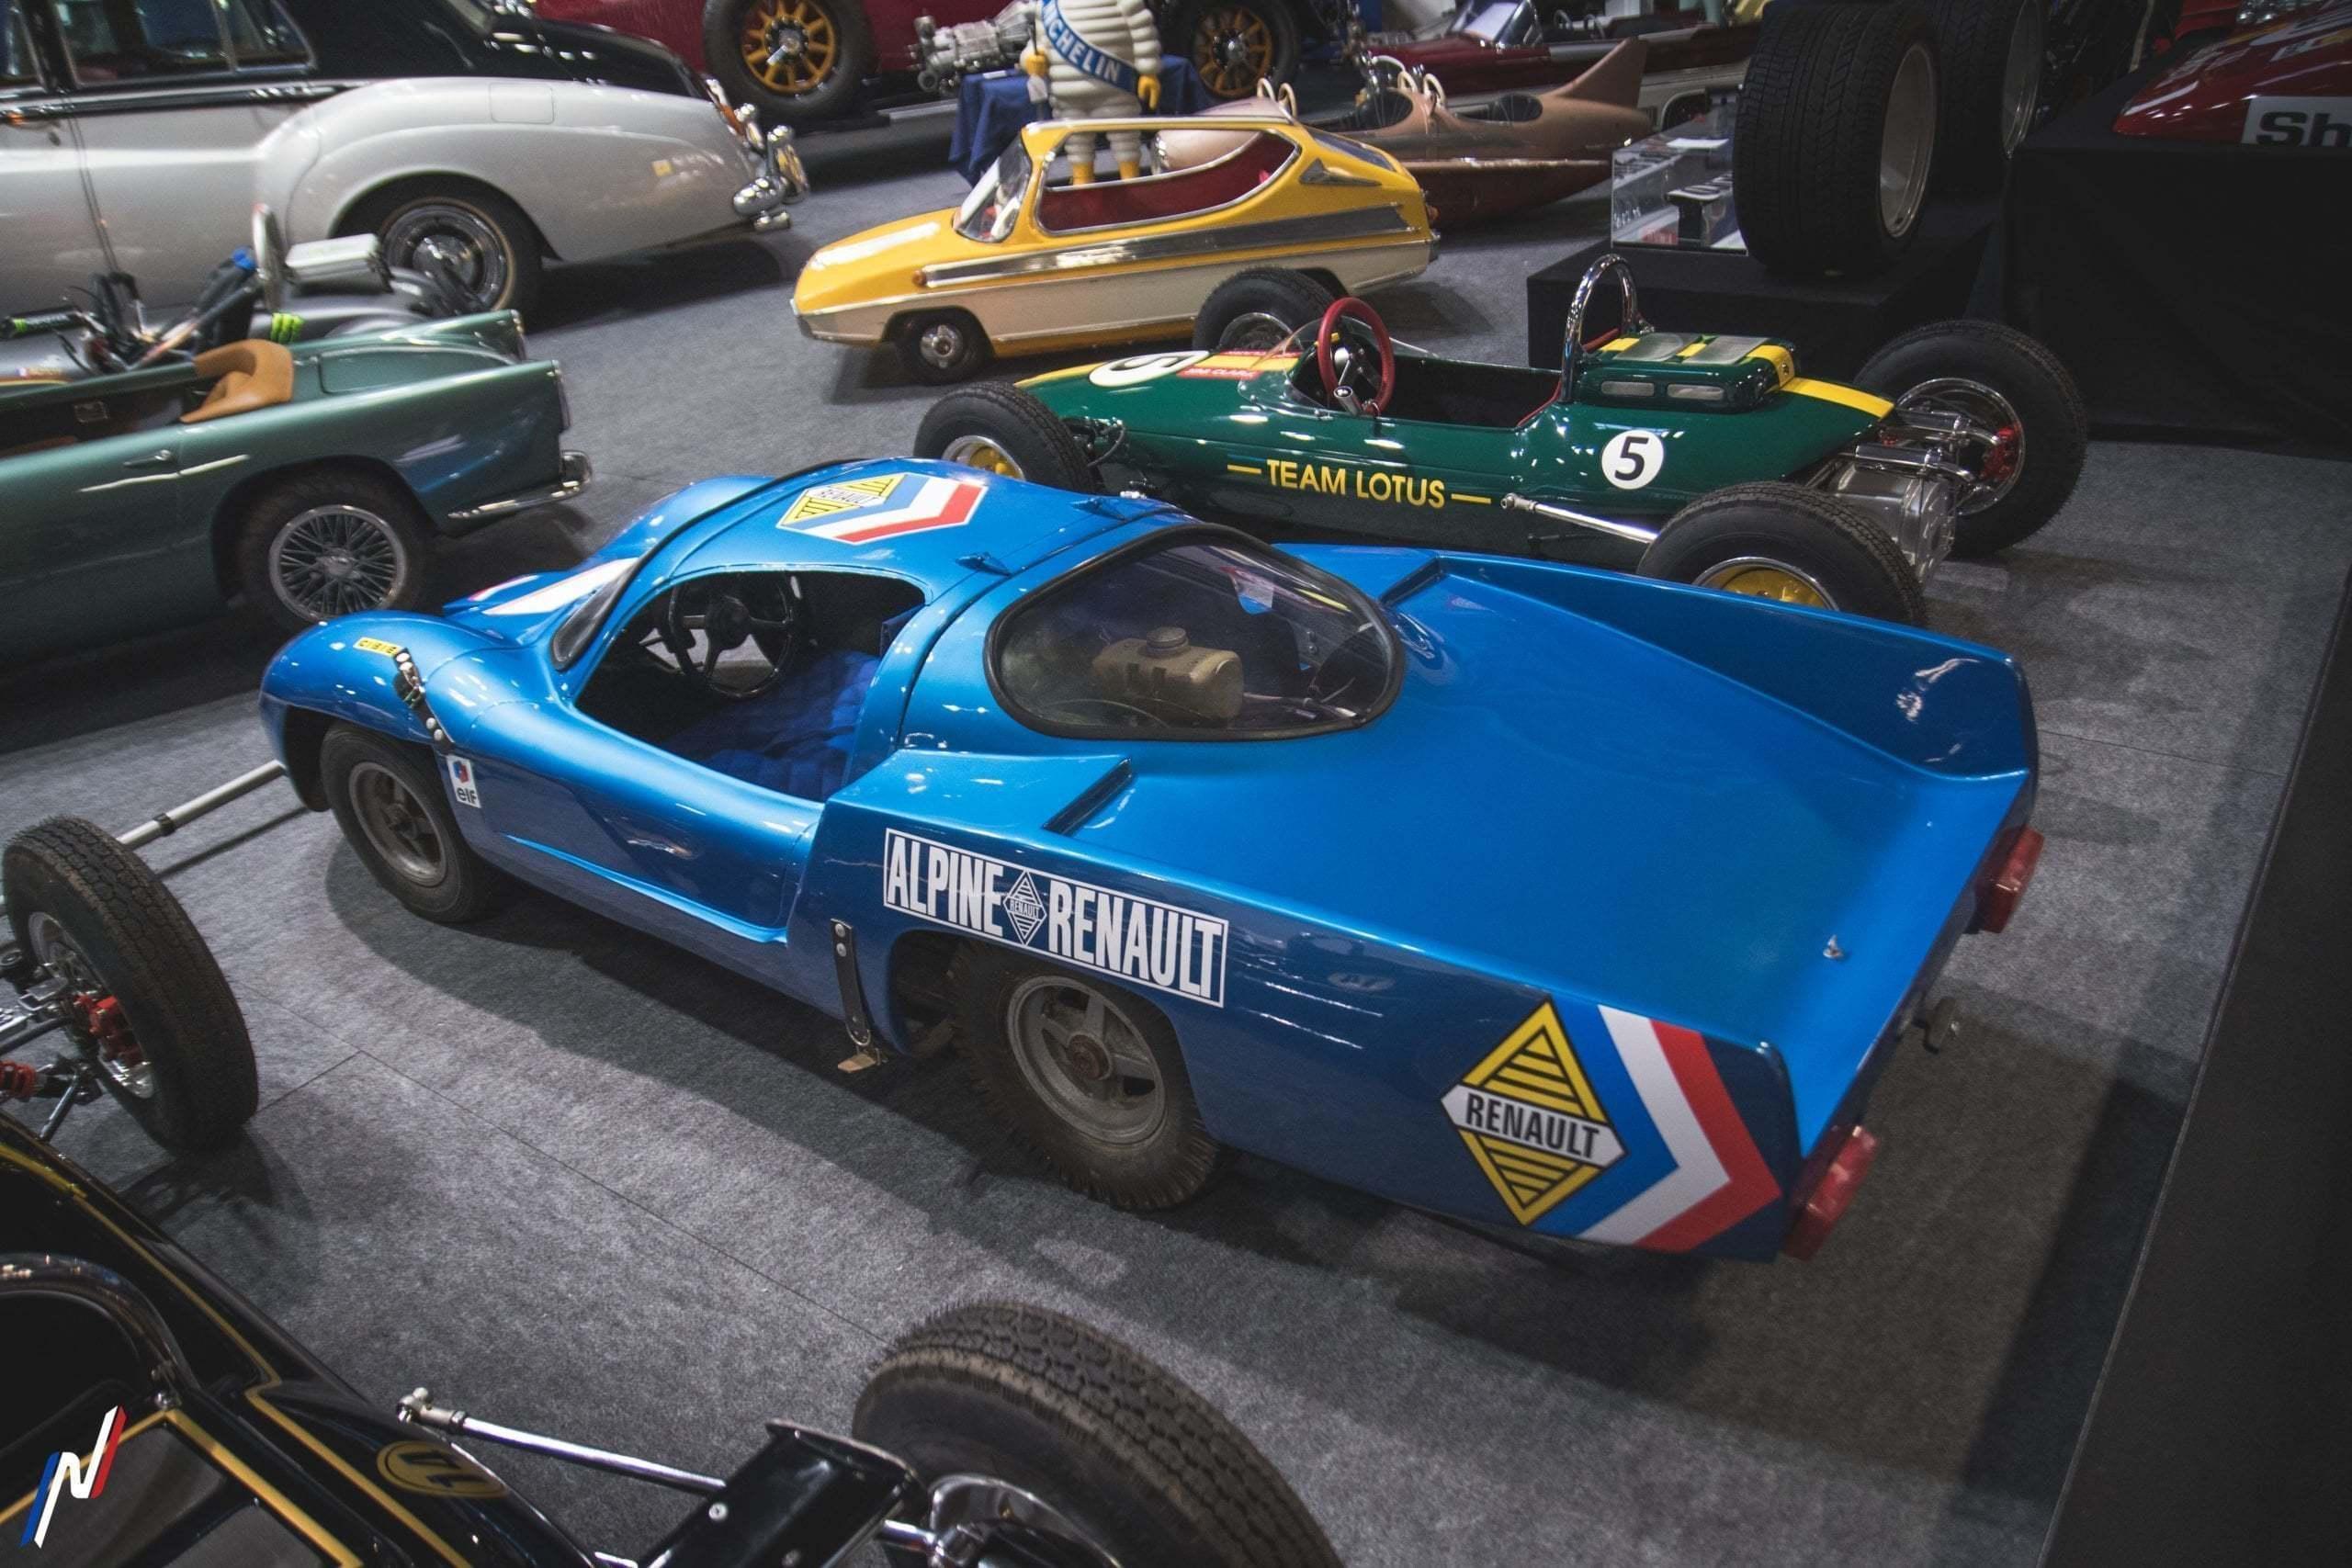 Rétromobile 2020 5 scaled - Rétromobile 2020: les Alpine en présence